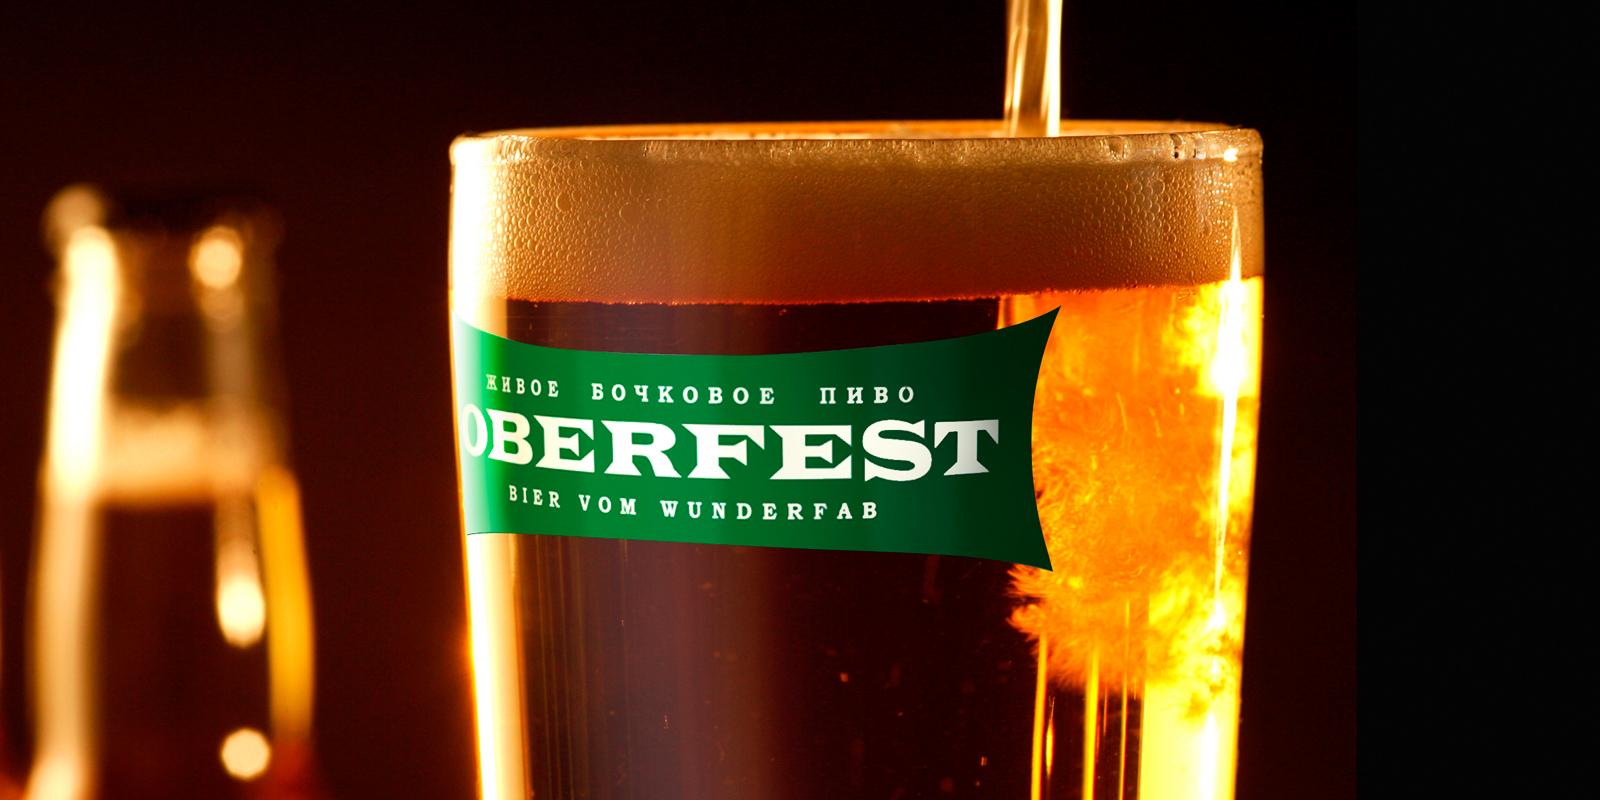 TM Oberfest;;;;;;Разработка логотипа (пиво);;;;;;<span>Клиент:</span> TM Oberfest;;;;;;;;;;;;Разработка логотипа (пиво);;;;;;1